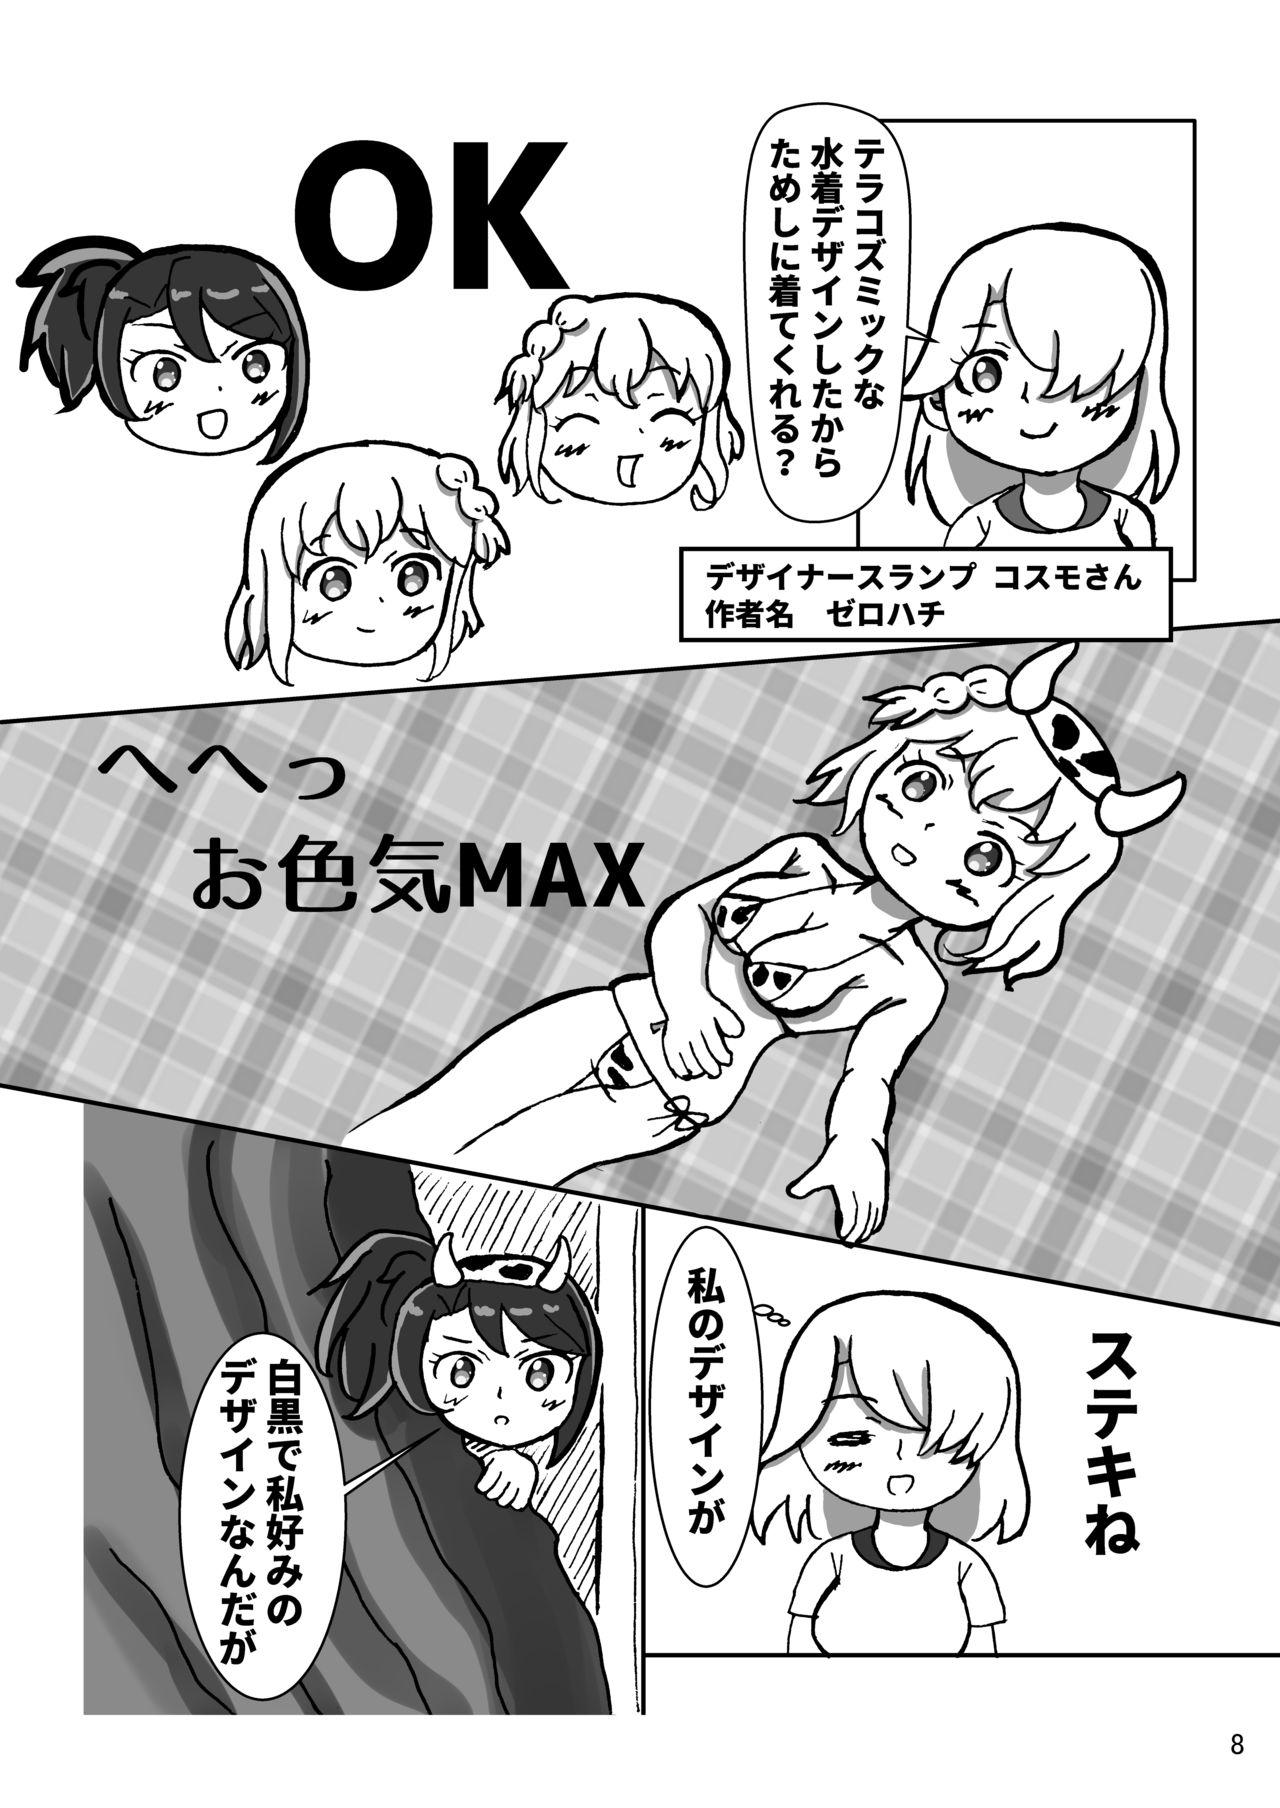 [よだか超新星 (Various) PRIPARA MILK (PriPara) [Digital] 7